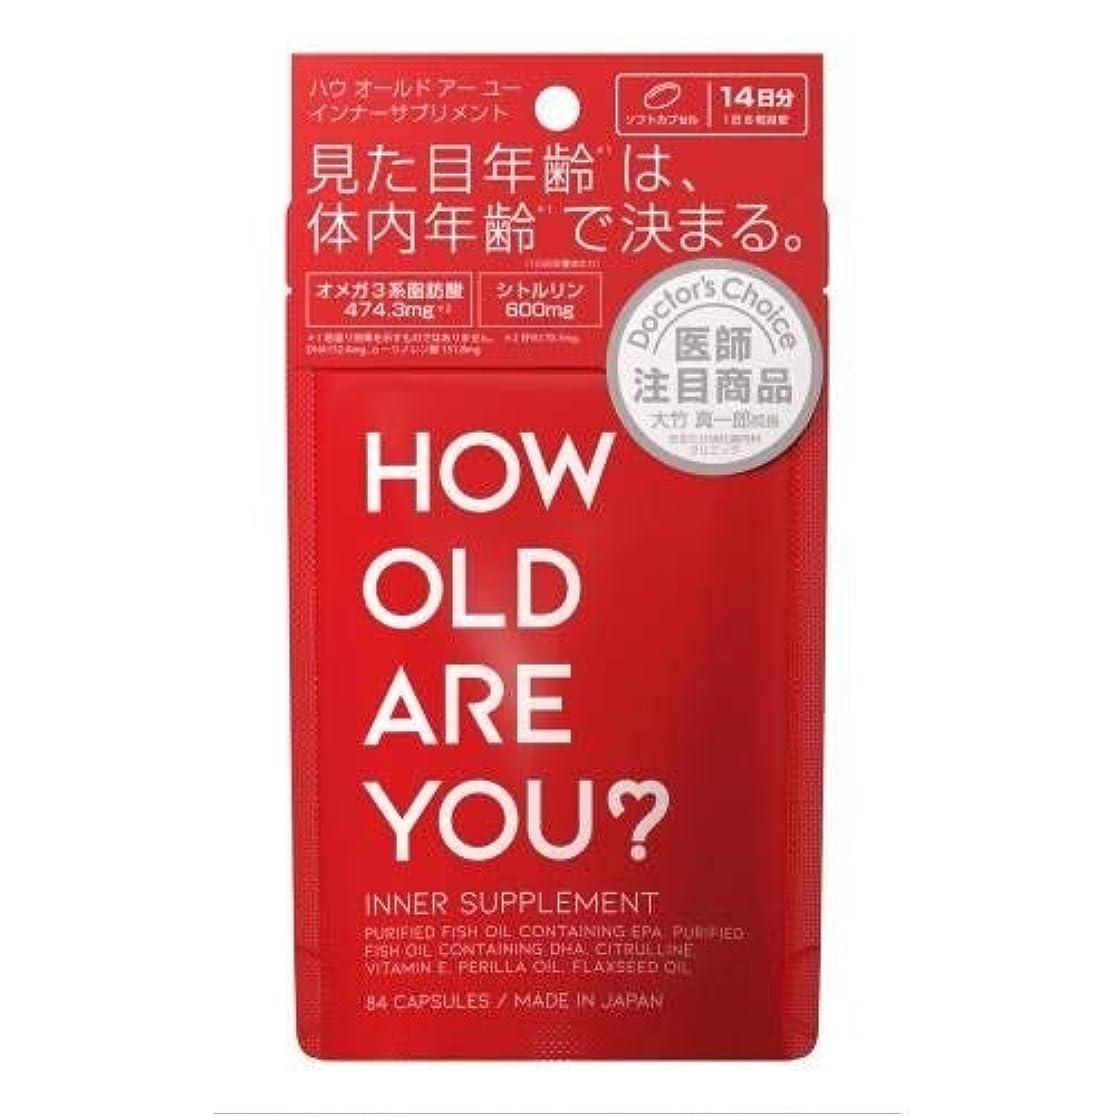 スポーツの試合を担当している人マザーランド事実HOW OLD ARE YOU?(ハウオールドアーユー) インナーサプリメント 84粒